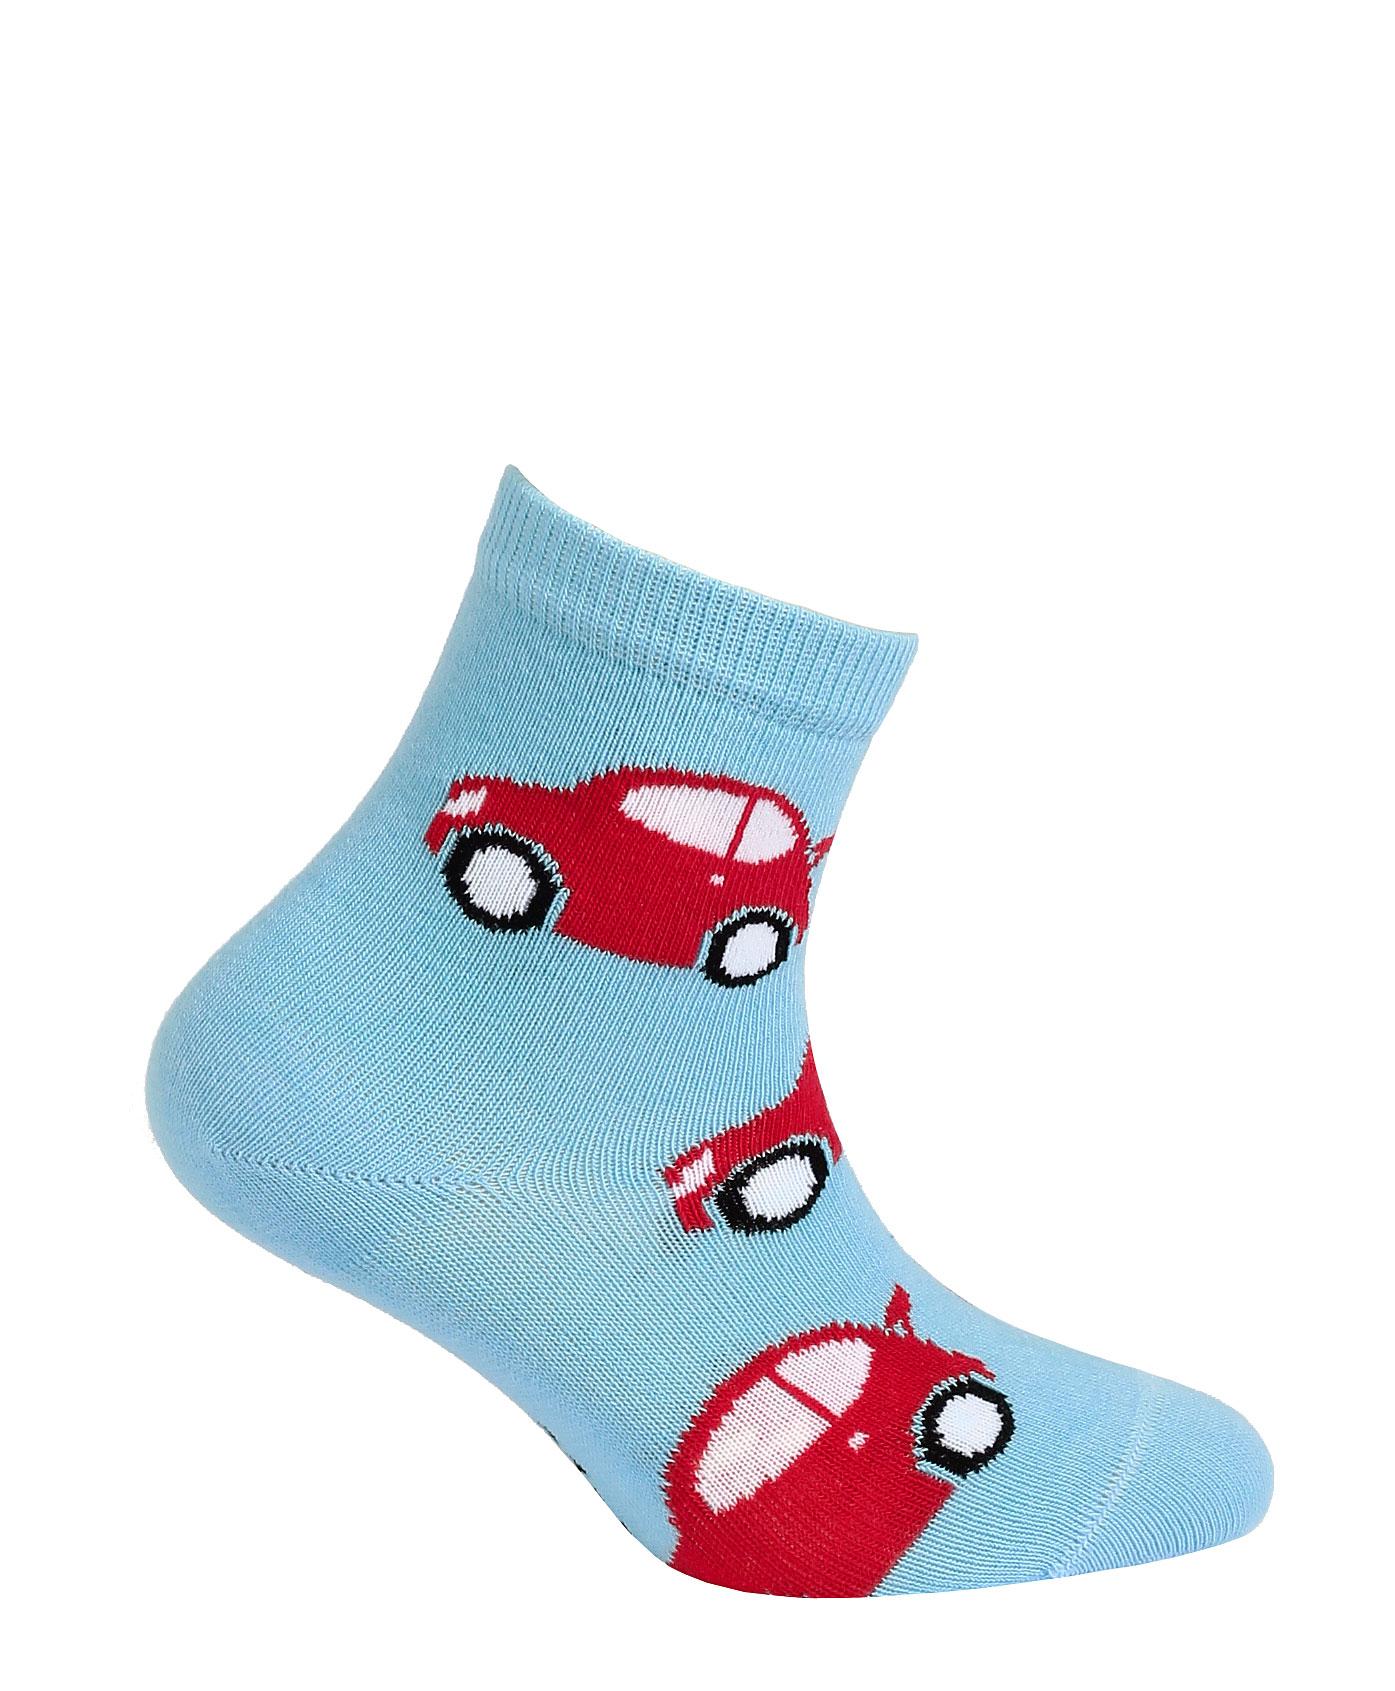 dětské ponožky vzor GATTA AUTA světle modré 21-23